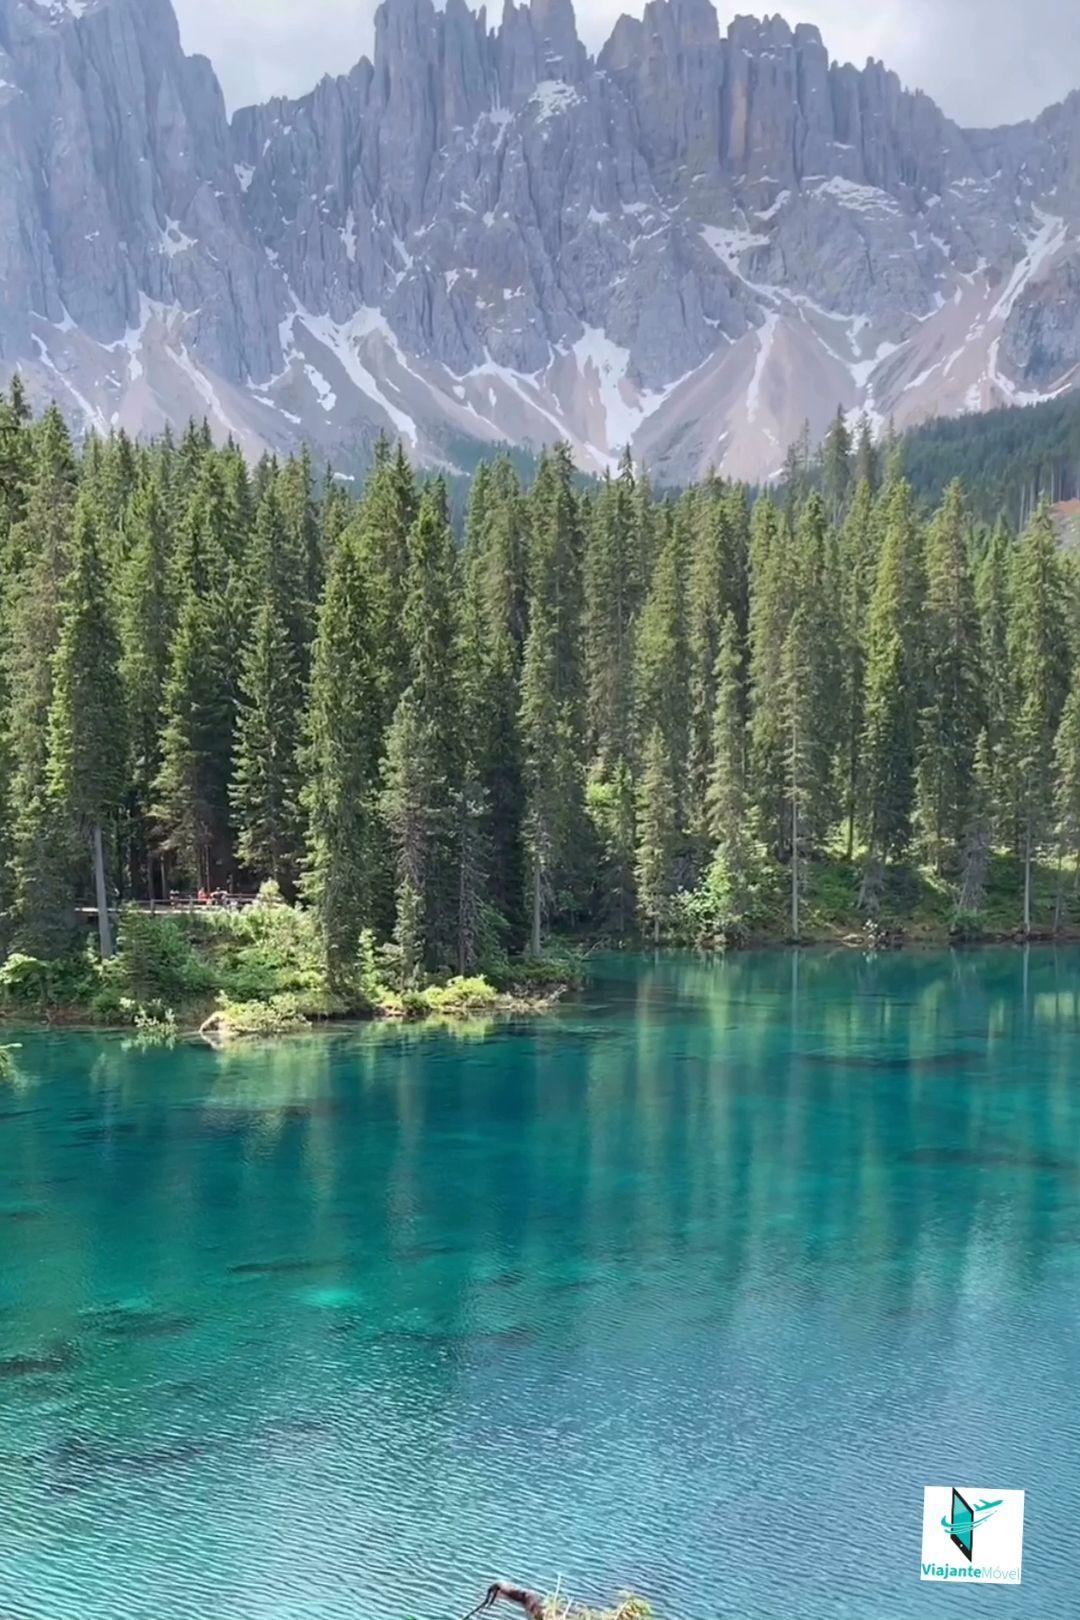 Lago Di Carezza Na Regiao Das Dolomitas No Norte Da Italia Italia Dolomites Lagodicarezza Dolomit Scenic Views Nature Beautiful Places Nature Scenic Views